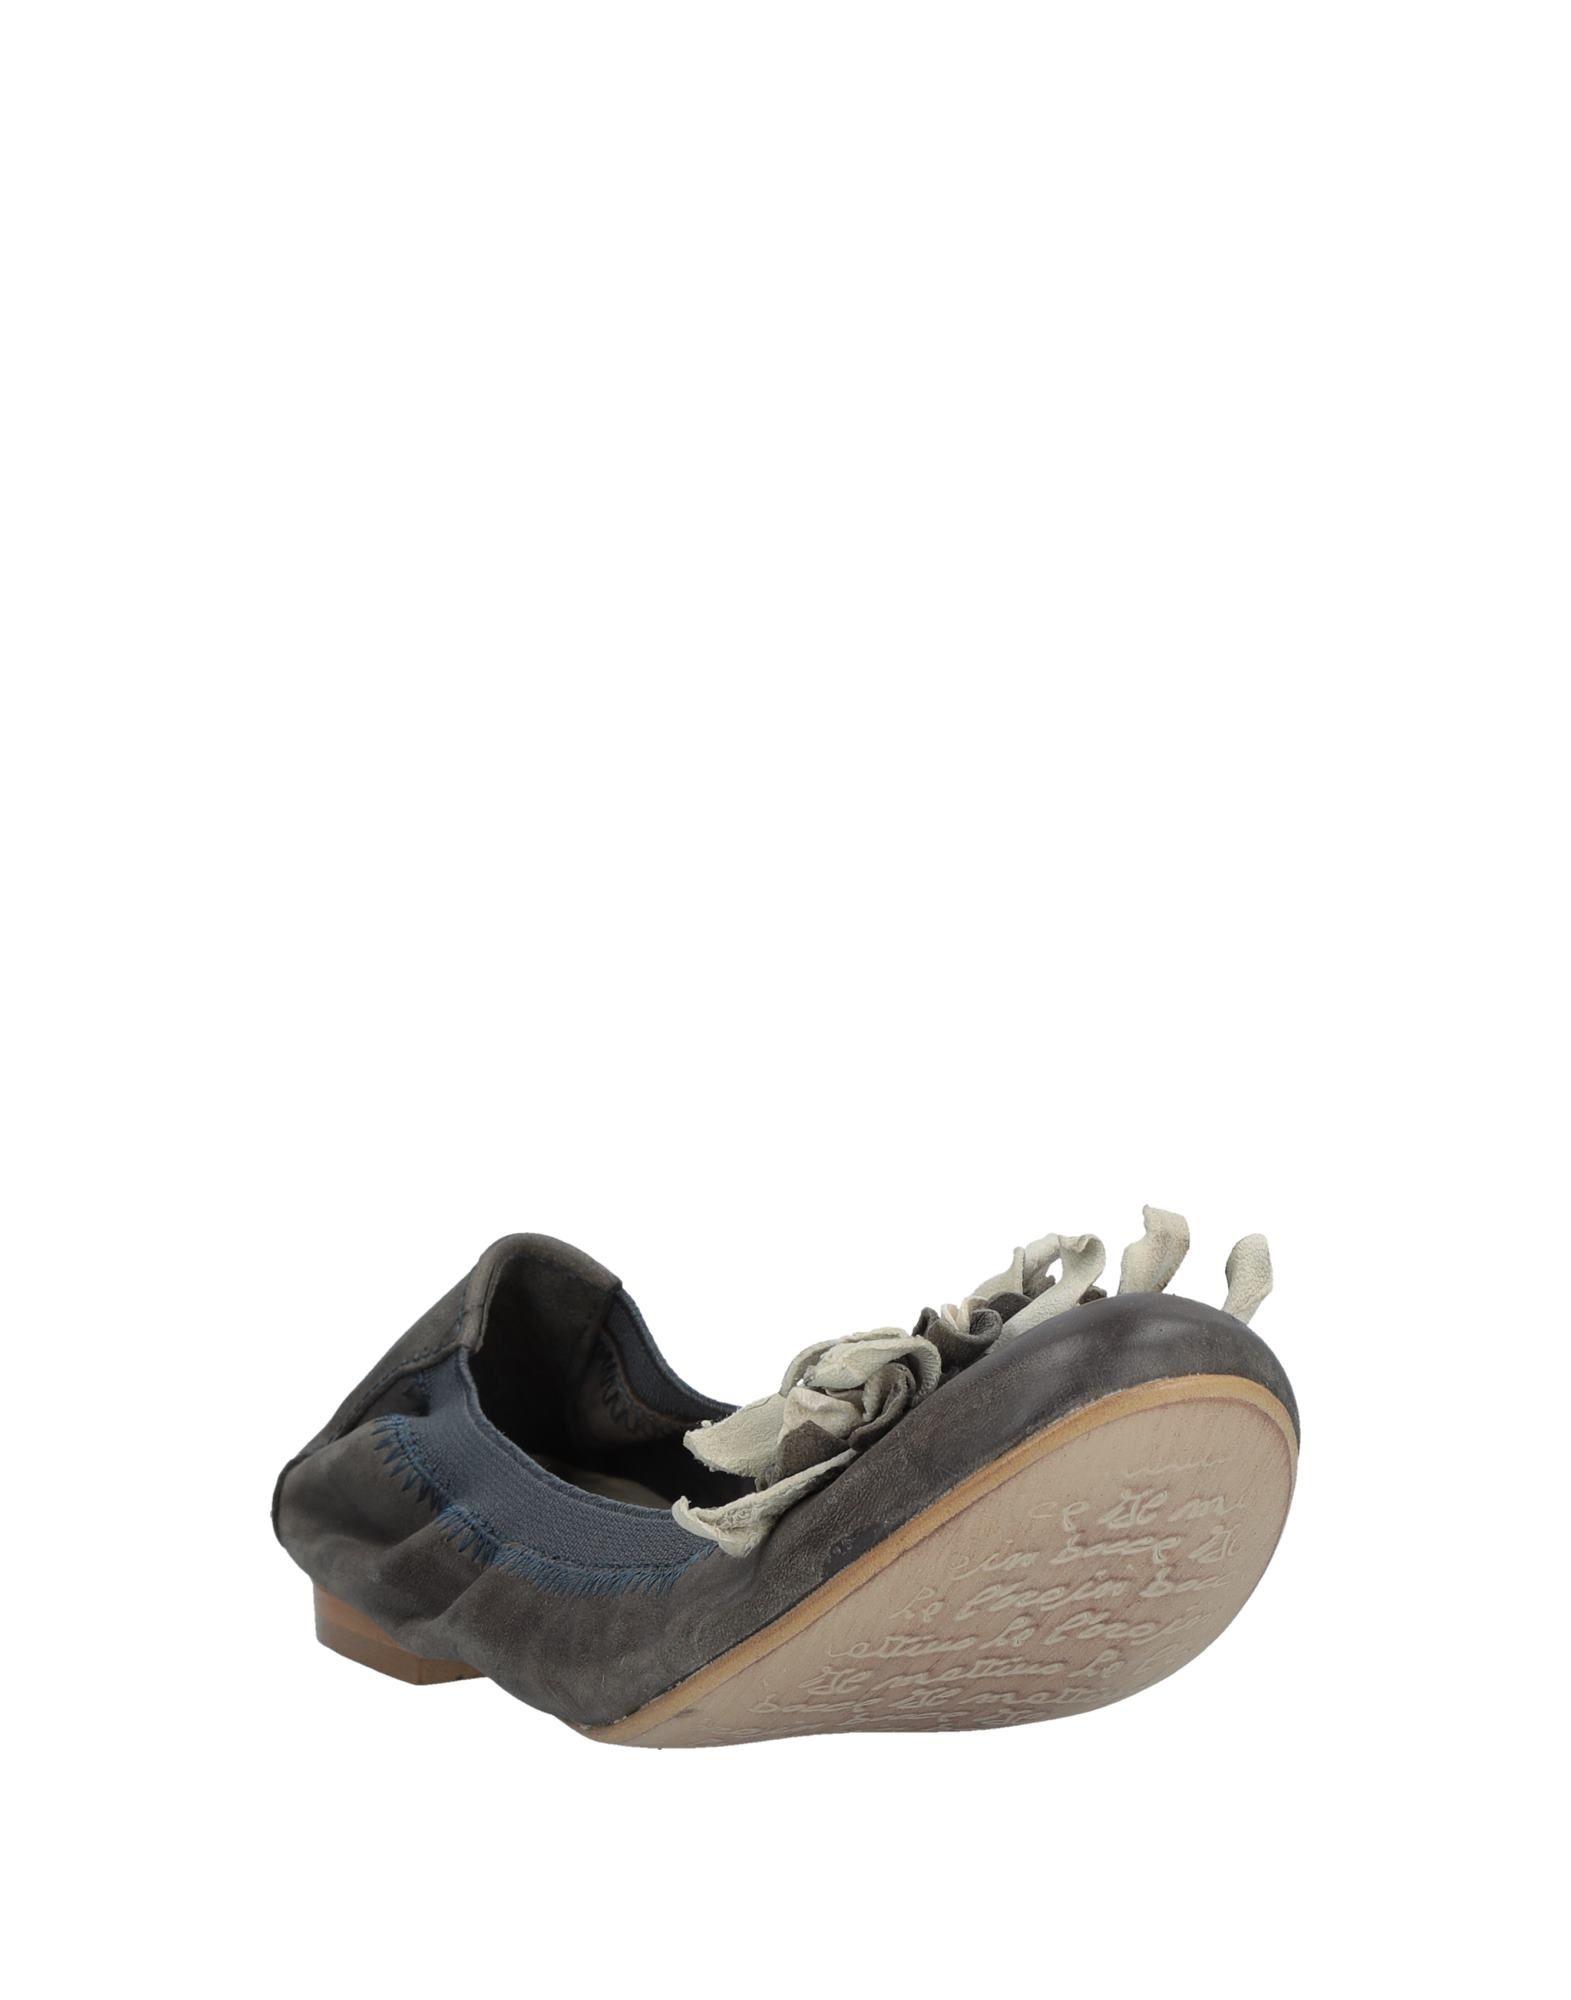 Scarpe economiche e resistenti Ballerine Clocharme Donna - 11535883KA